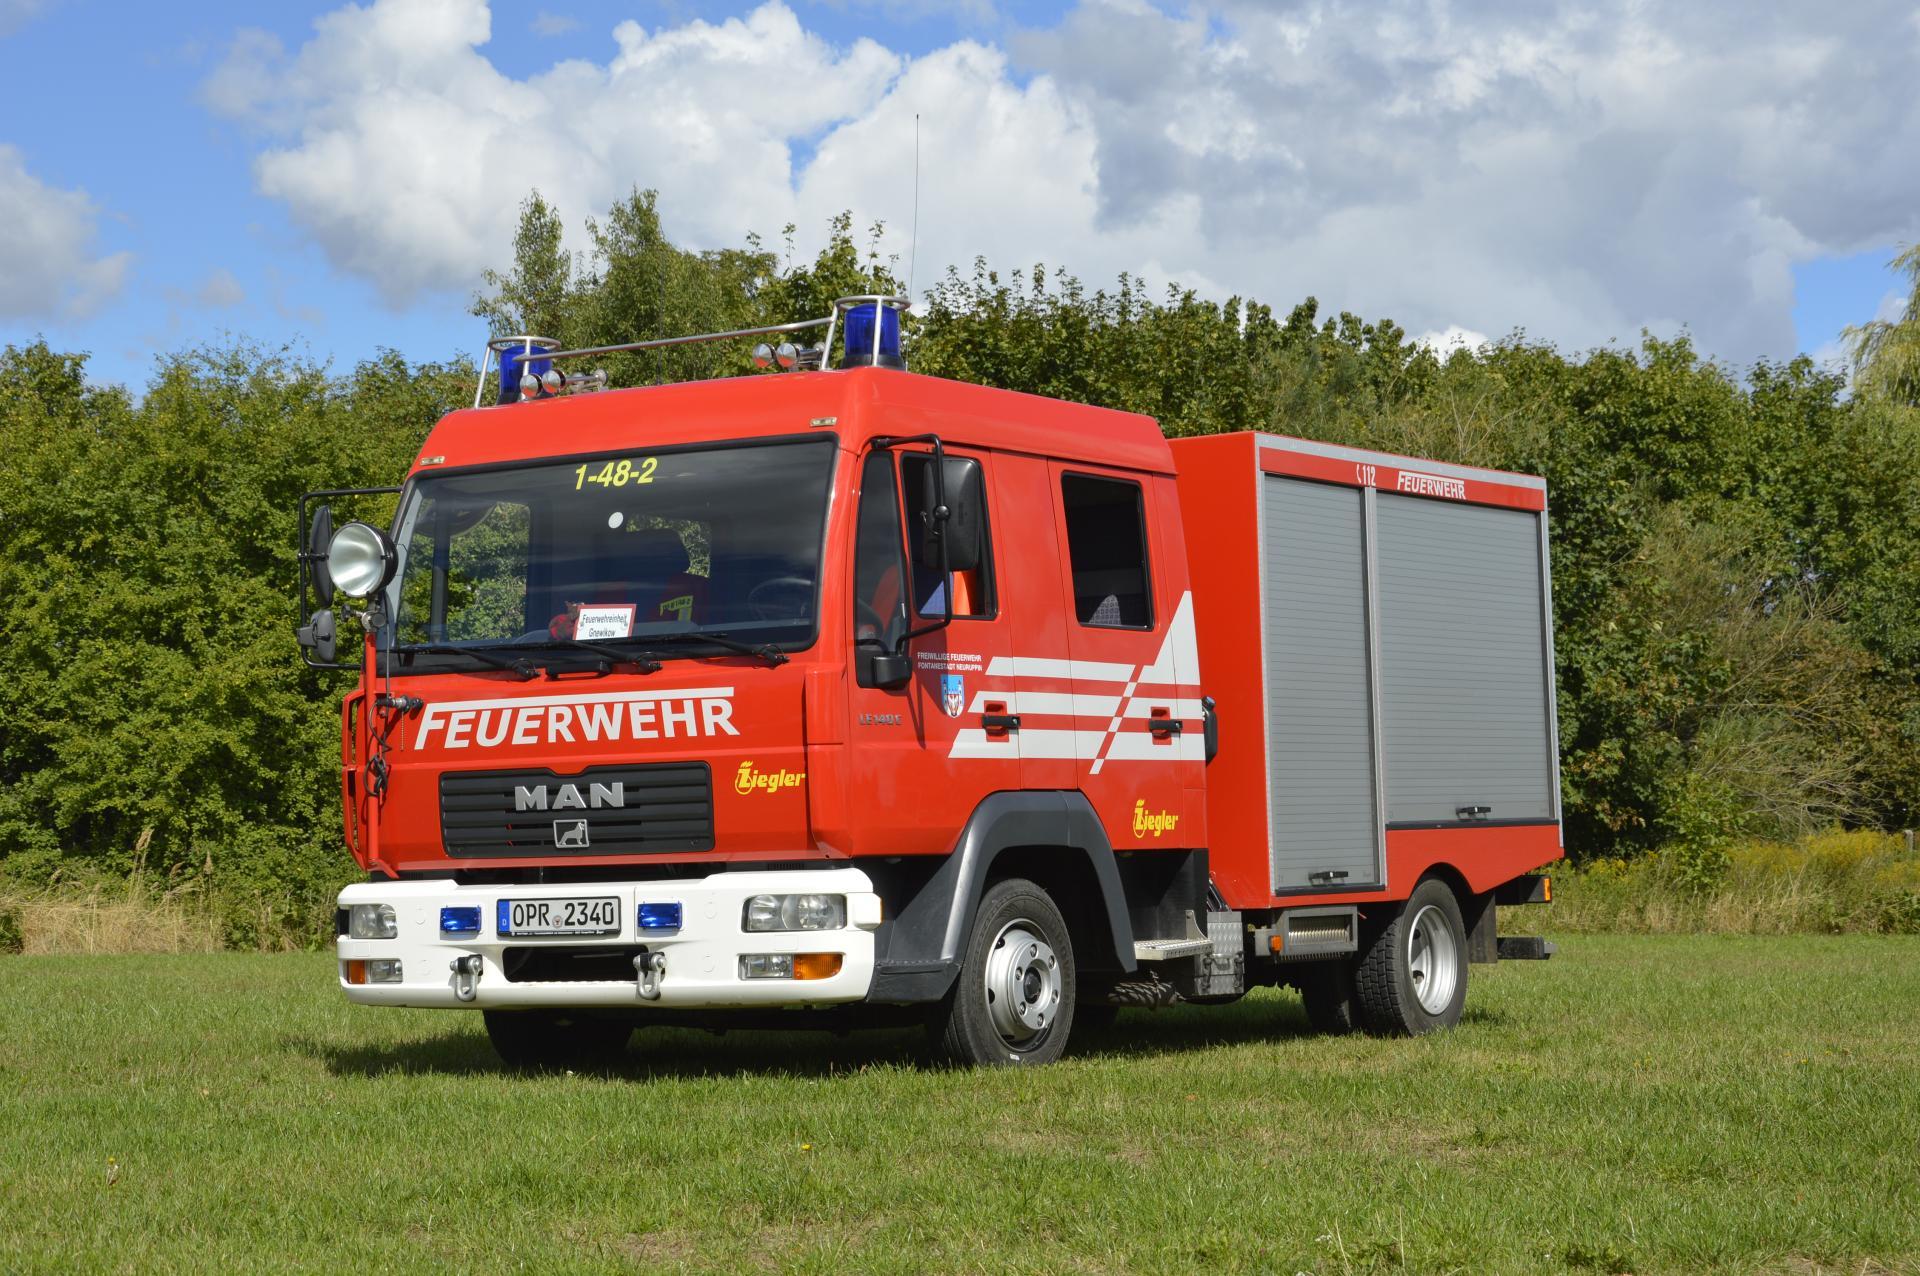 TSF-W 1-48-2